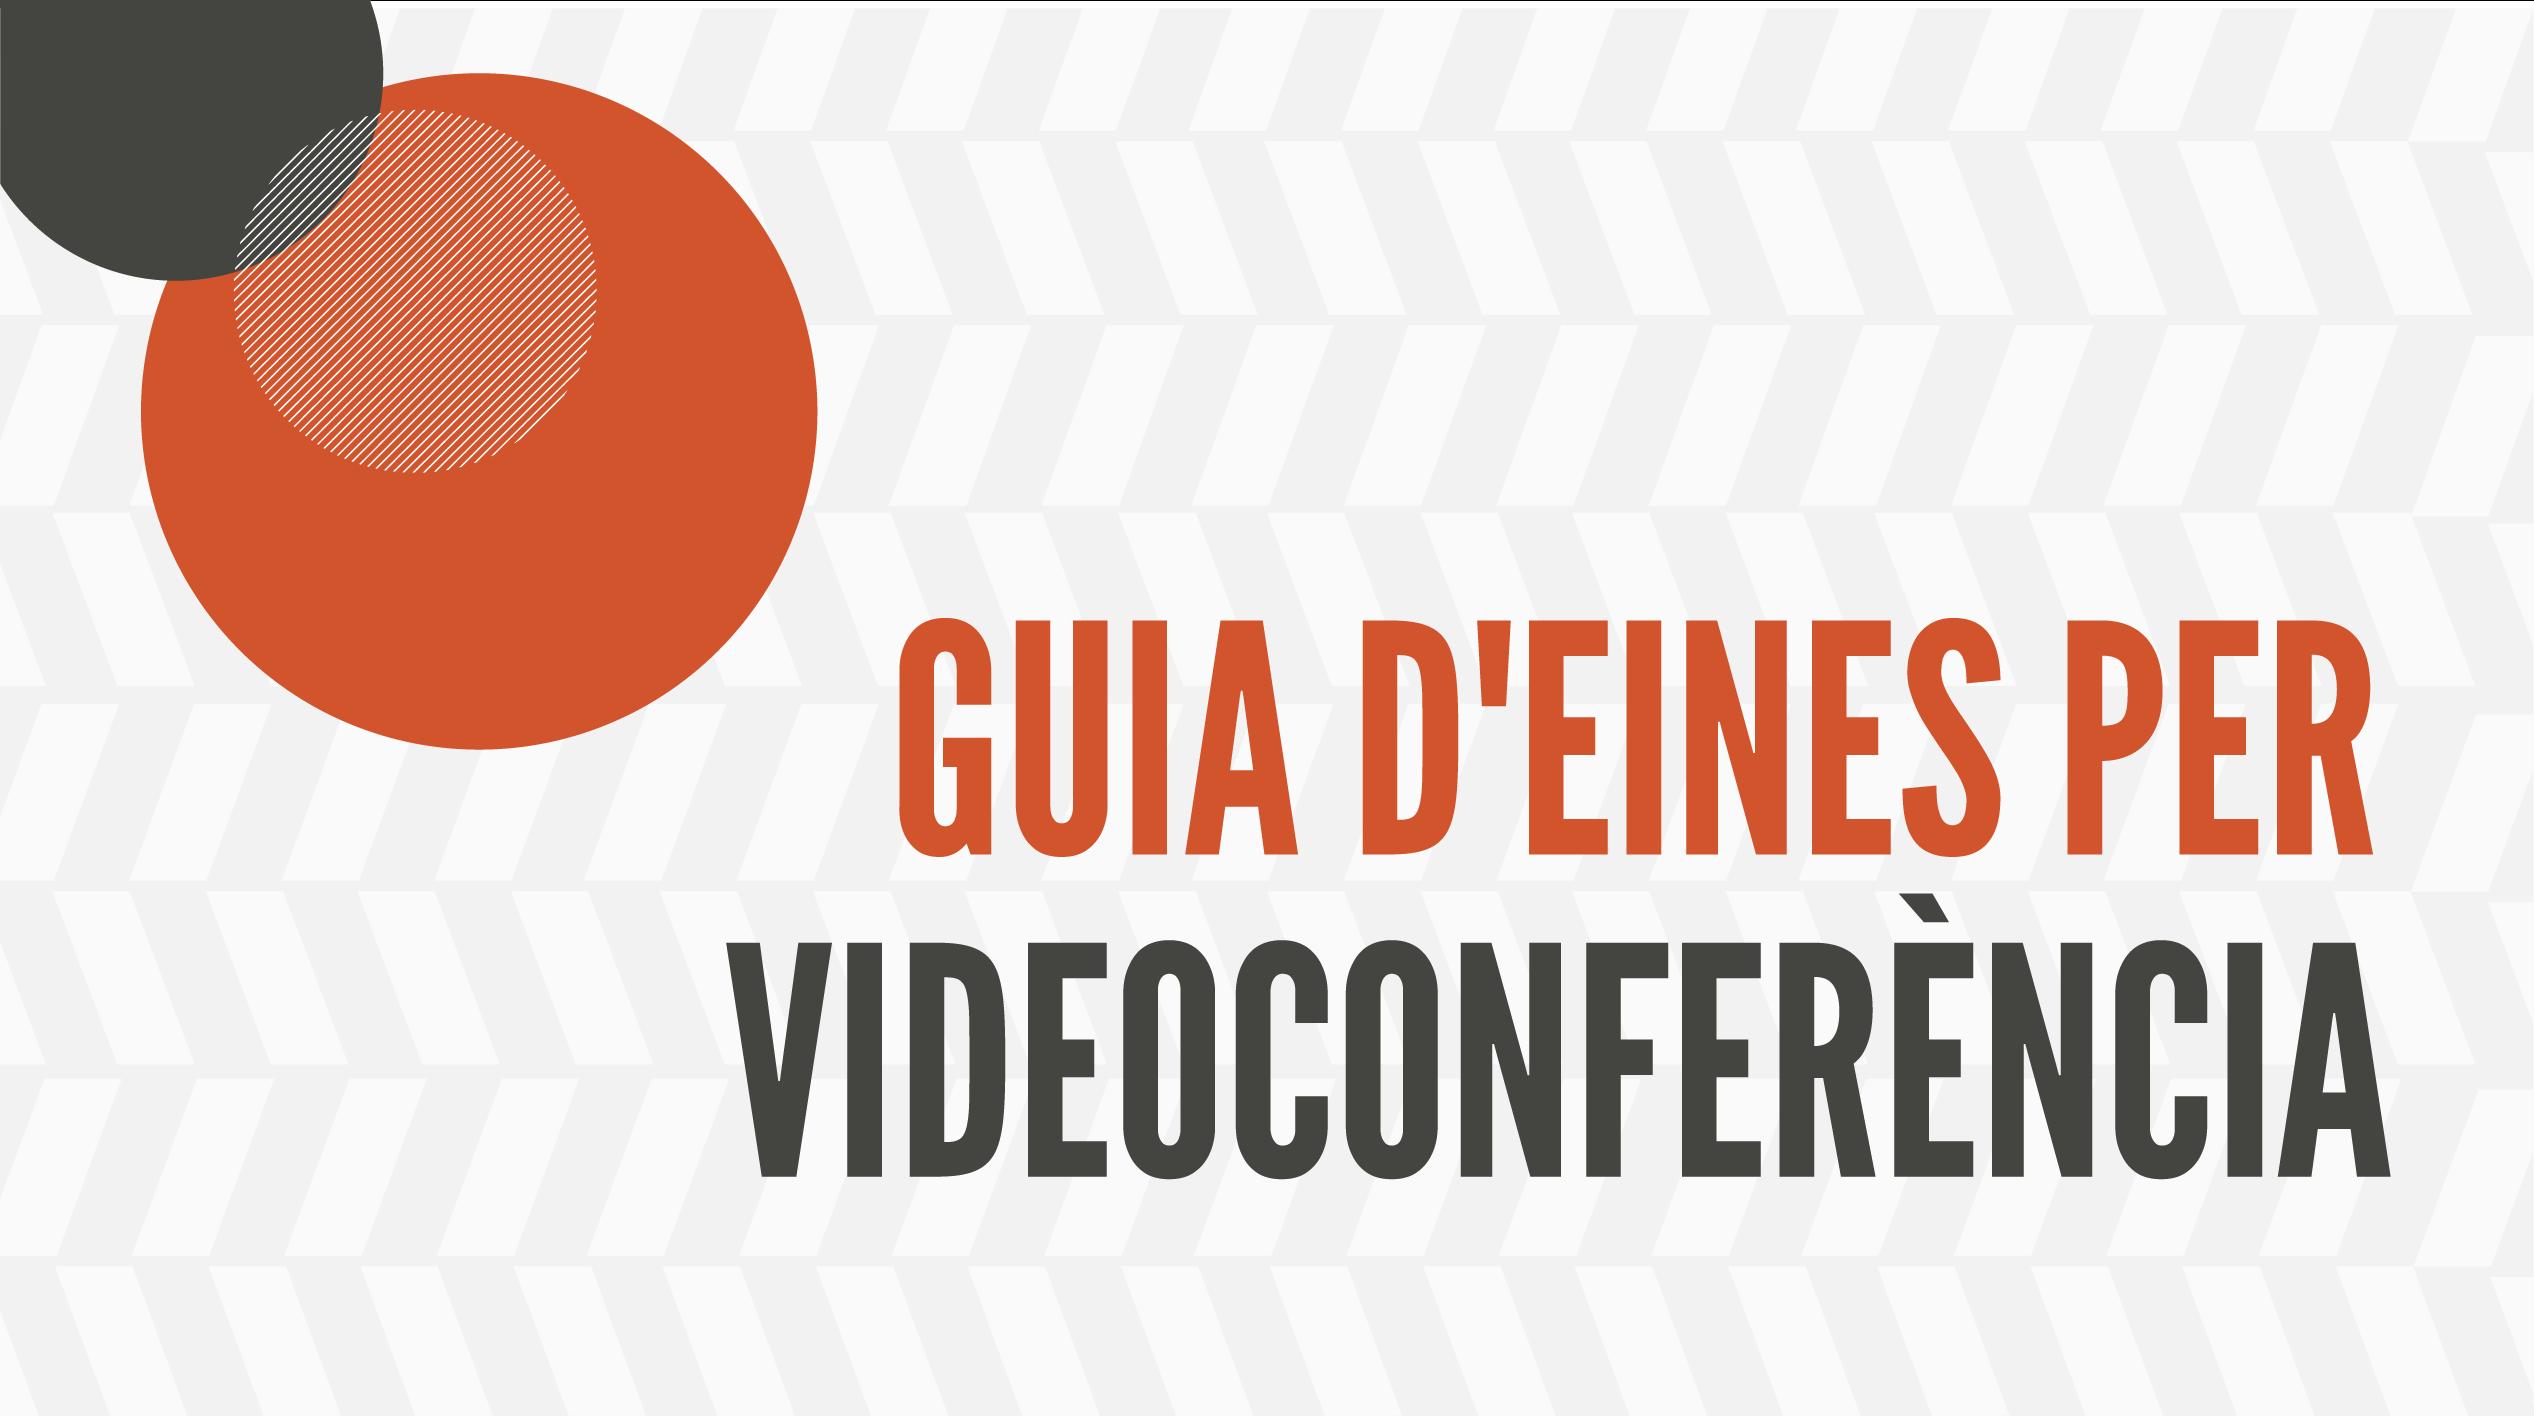 Guia d'eines per videoconferència 2020 - Covid19